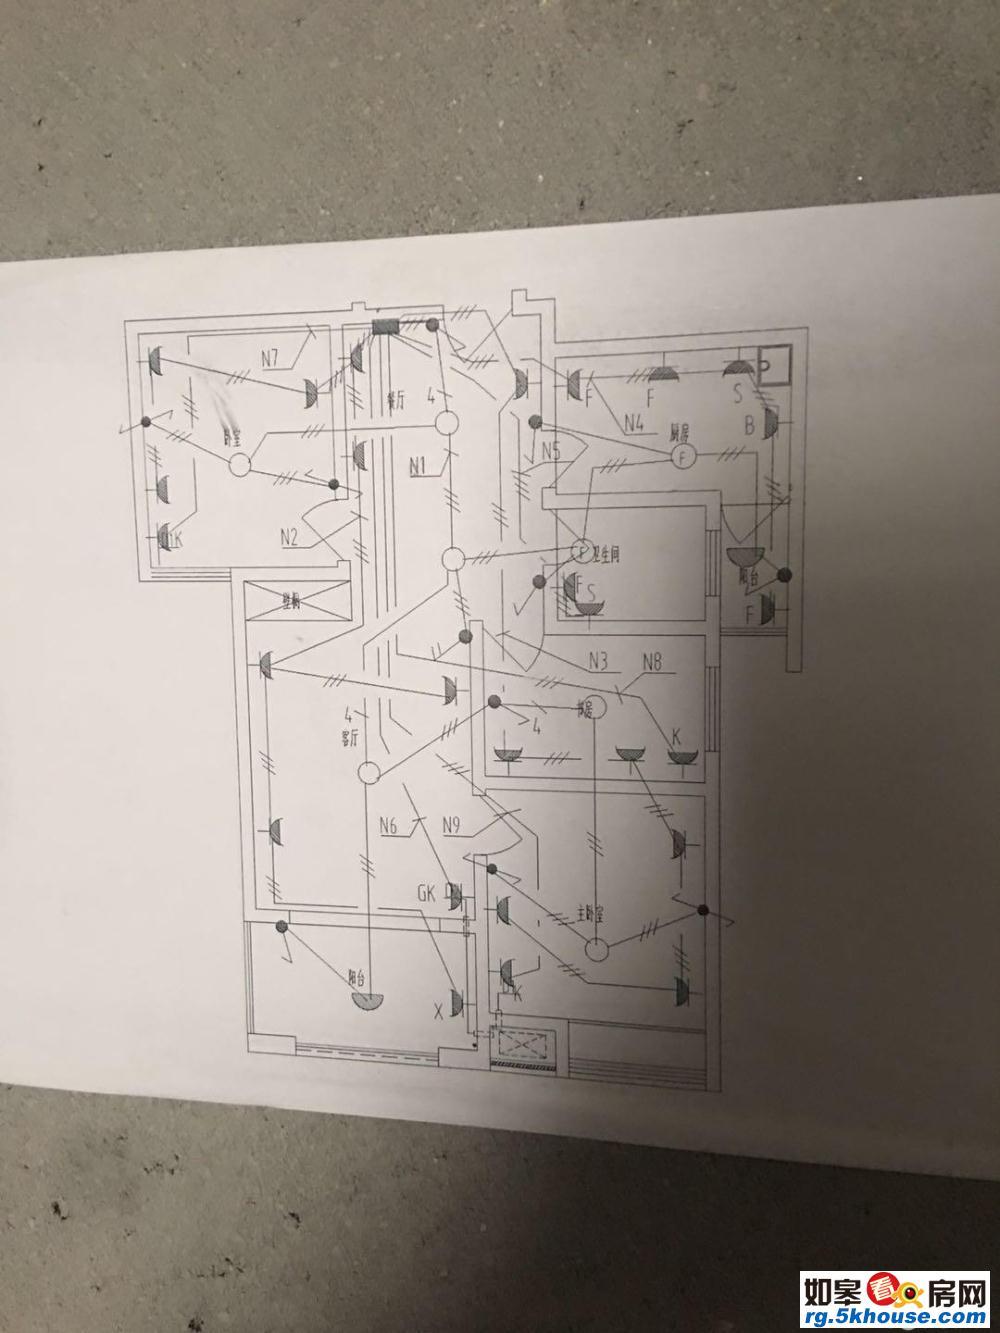 天瑞绿洲电梯洋房5楼 104平 3室精装修 拎包入住